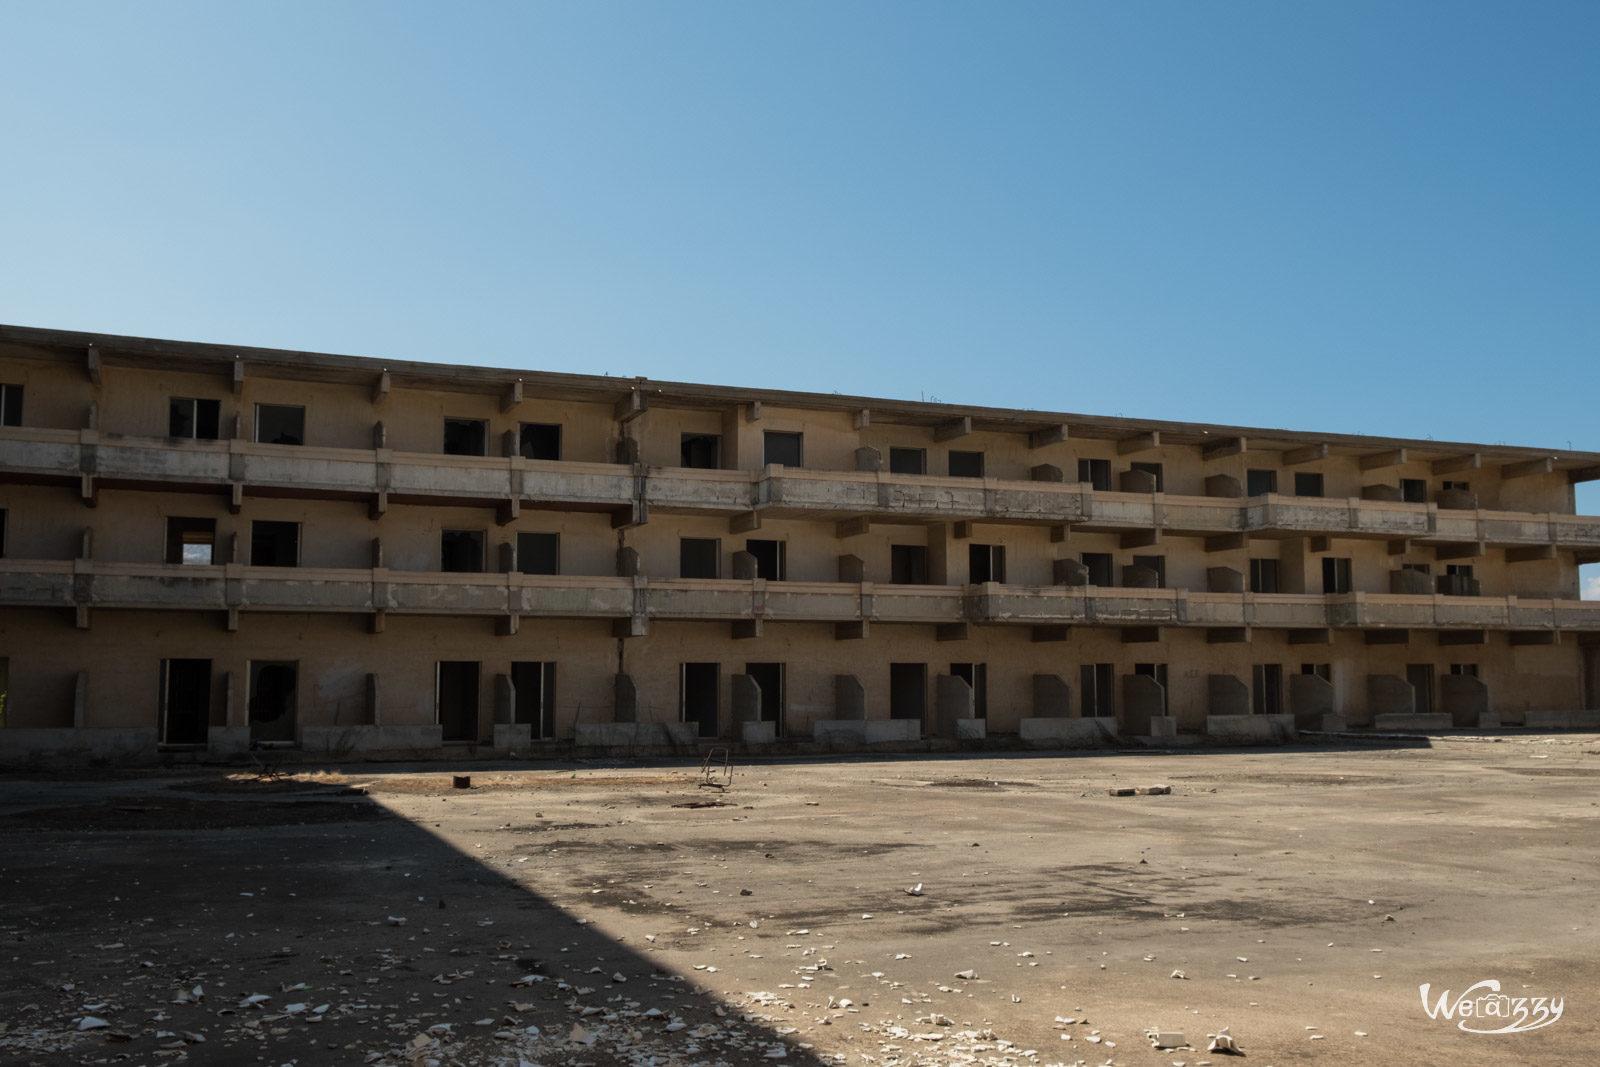 Abandonné, Crète, Hôtel, Urbex